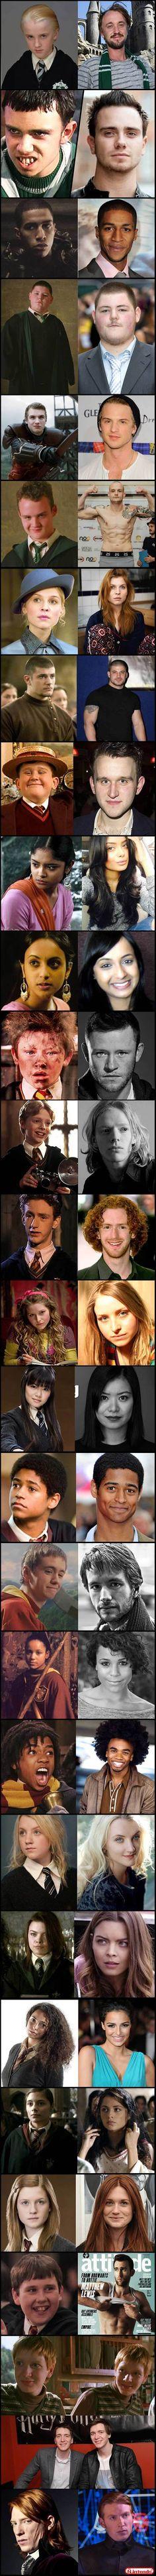 Atores da Saga Harry Potter - Antes e depois.